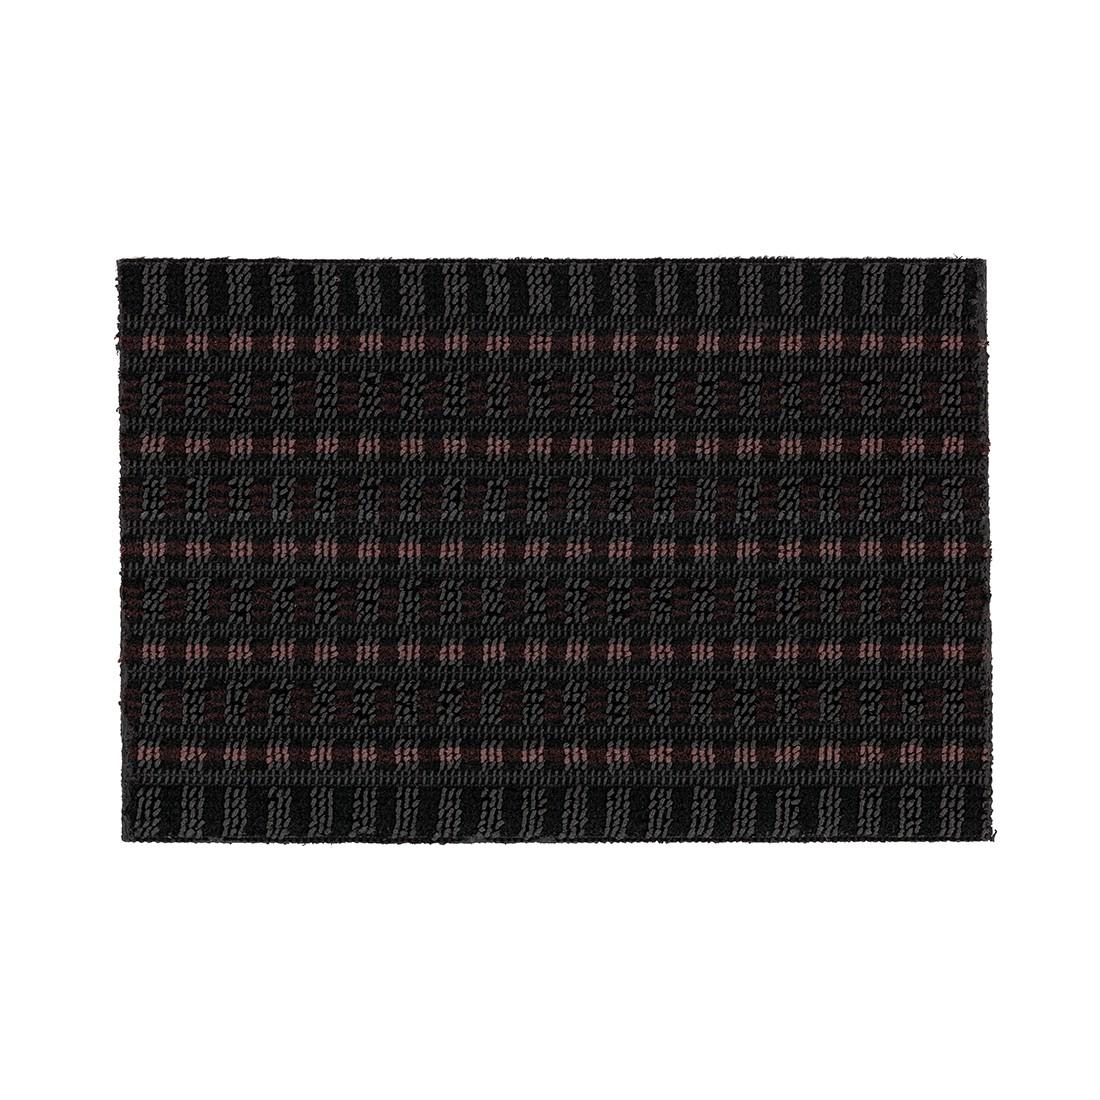 Fußmatte Poly Brush – Weinrot – 50 x 80 cm, Astra bestellen